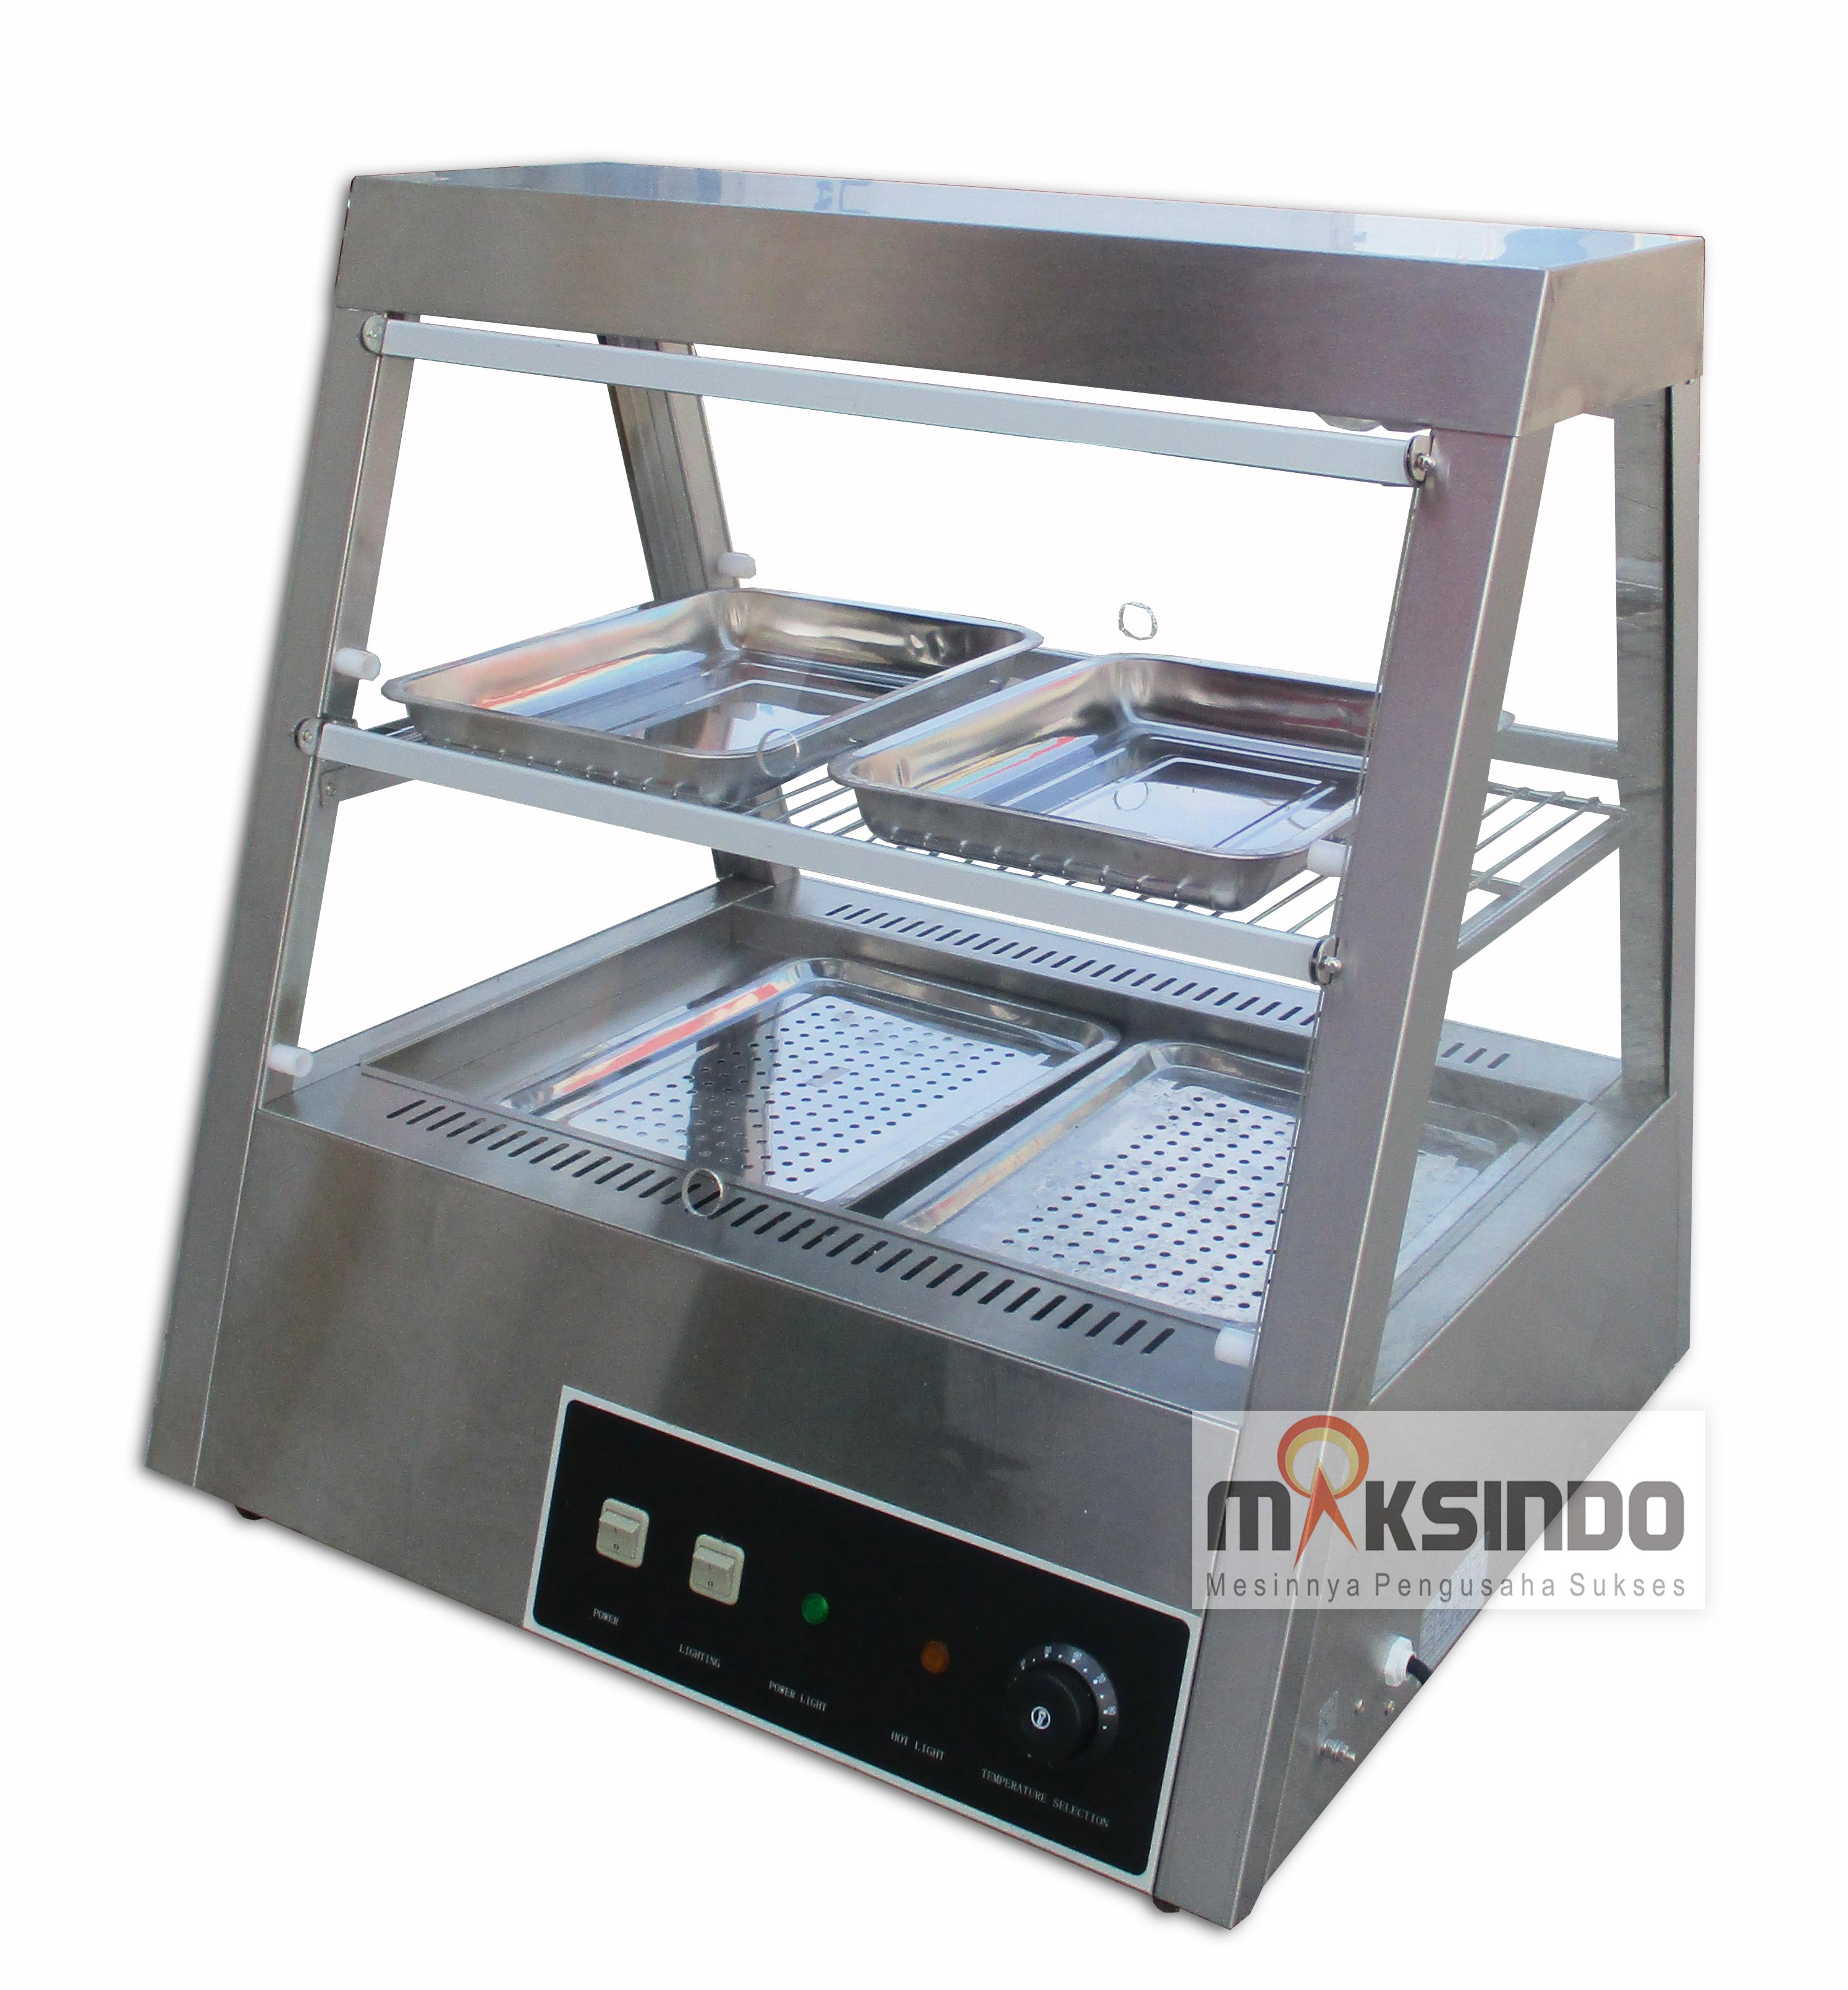 Jual Mesin Food Warmer Kue (MKS-DW77) di Jakarta